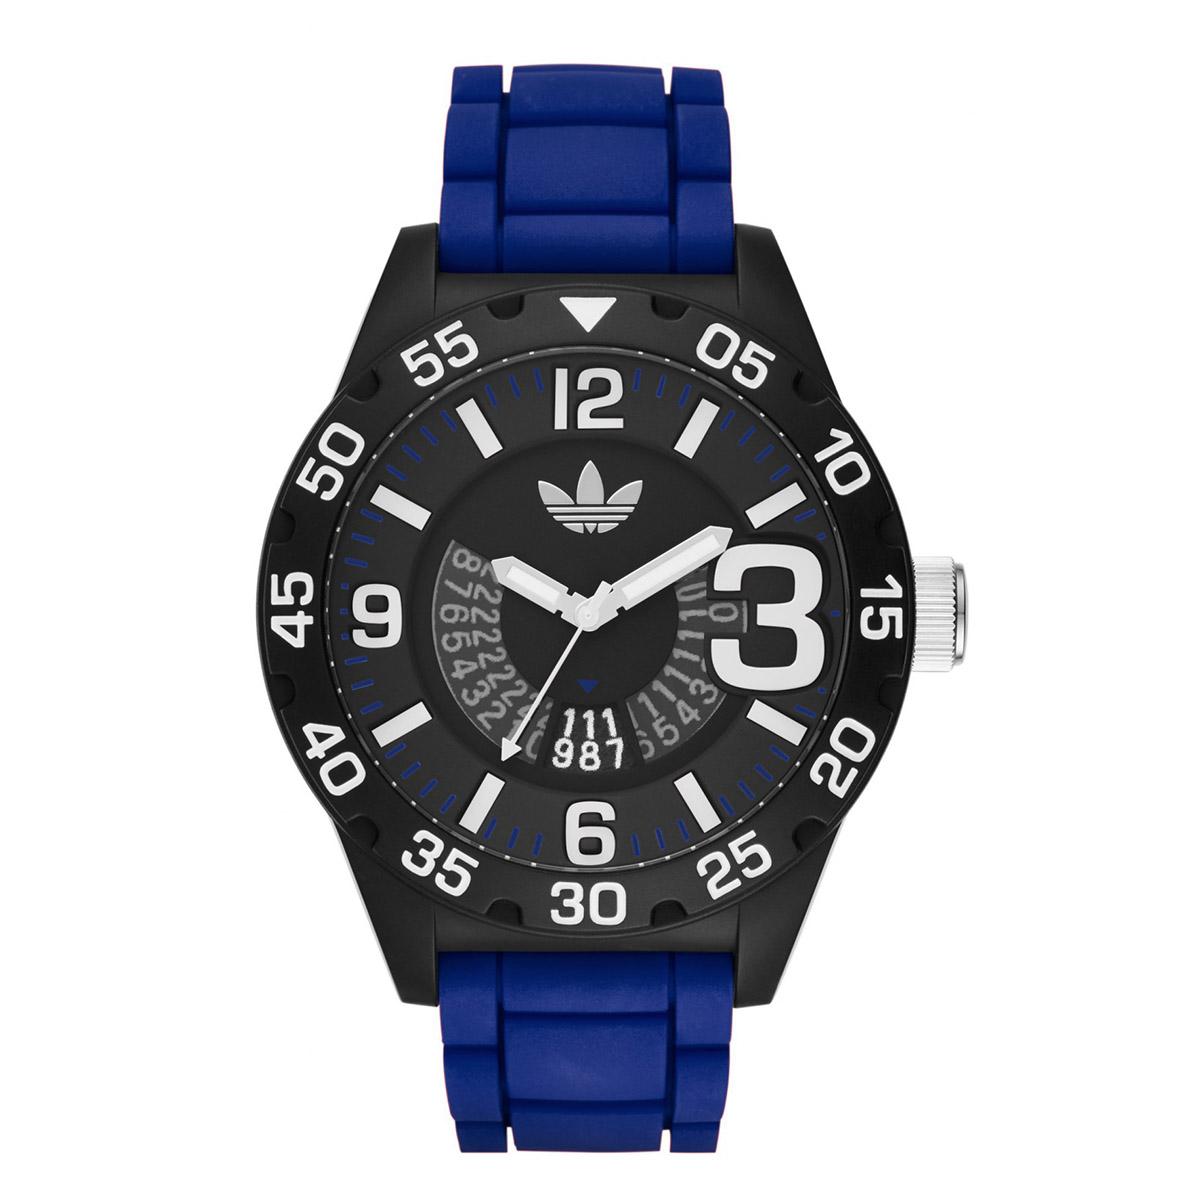 นาฬิกาผู้ชาย Adidas รุ่น ADH3112